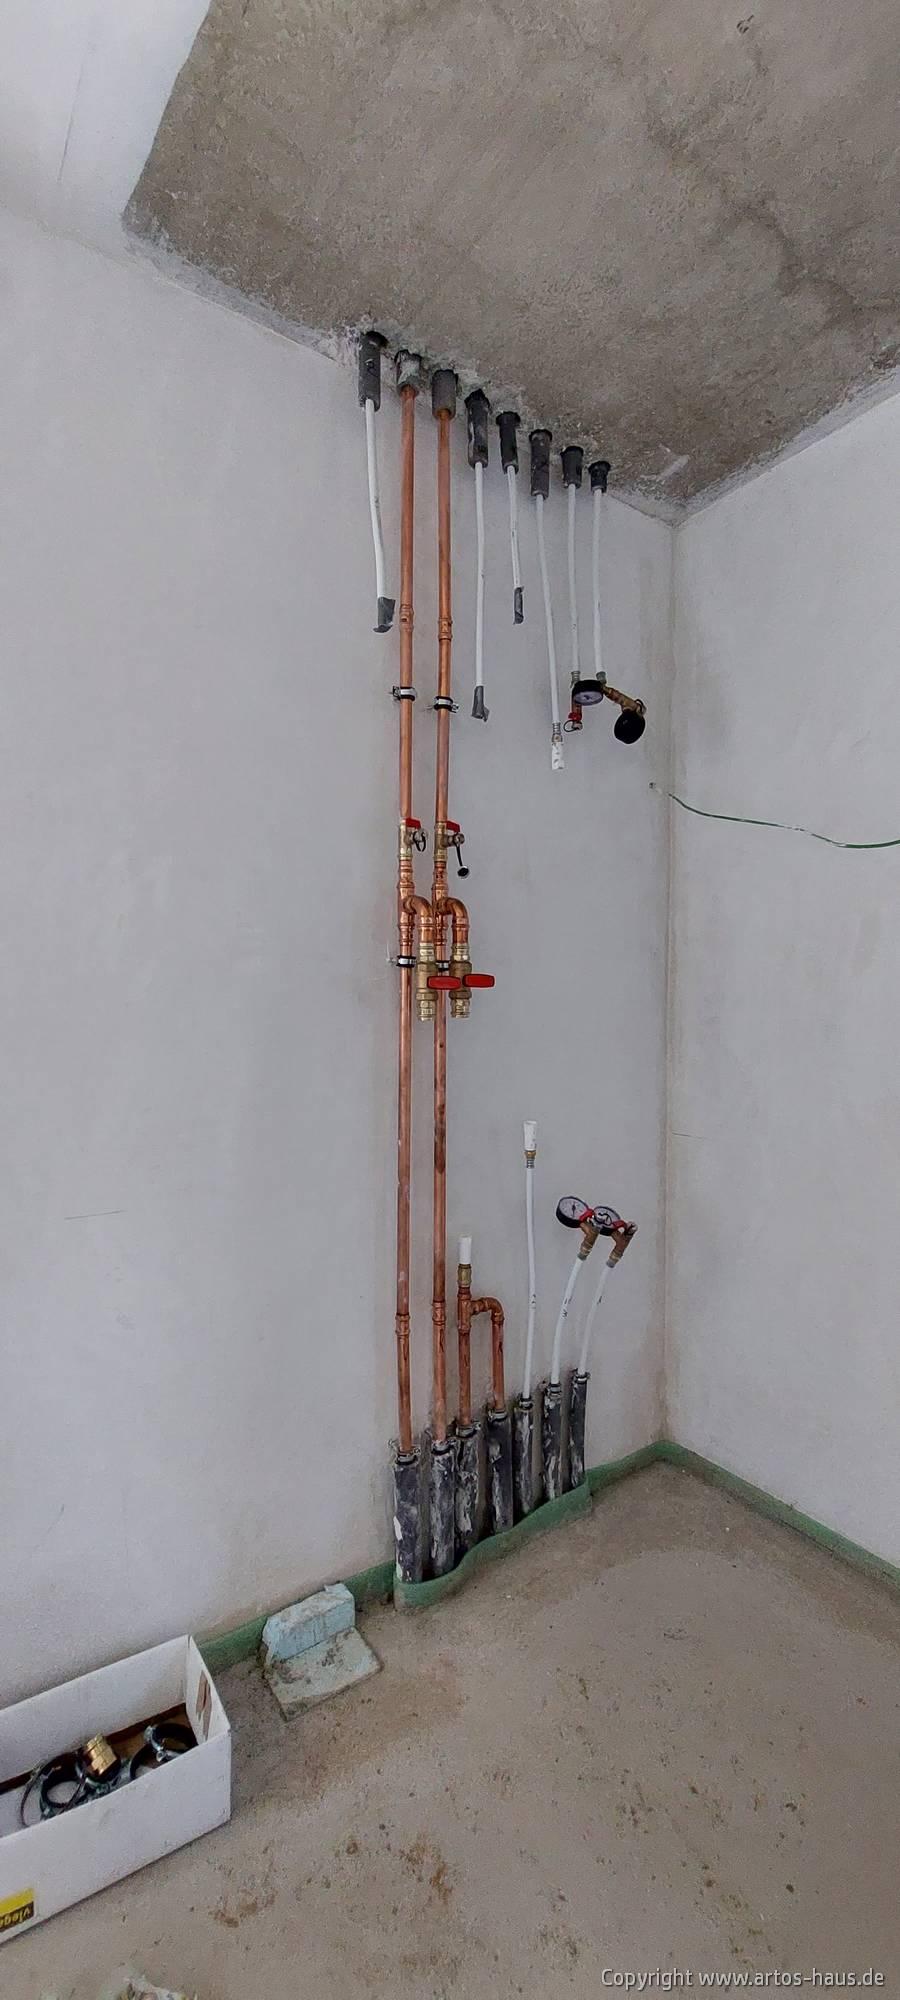 Estrich verlegt. ARTOS Bauvorhaben Hürth im Mai 2021, Bild 4